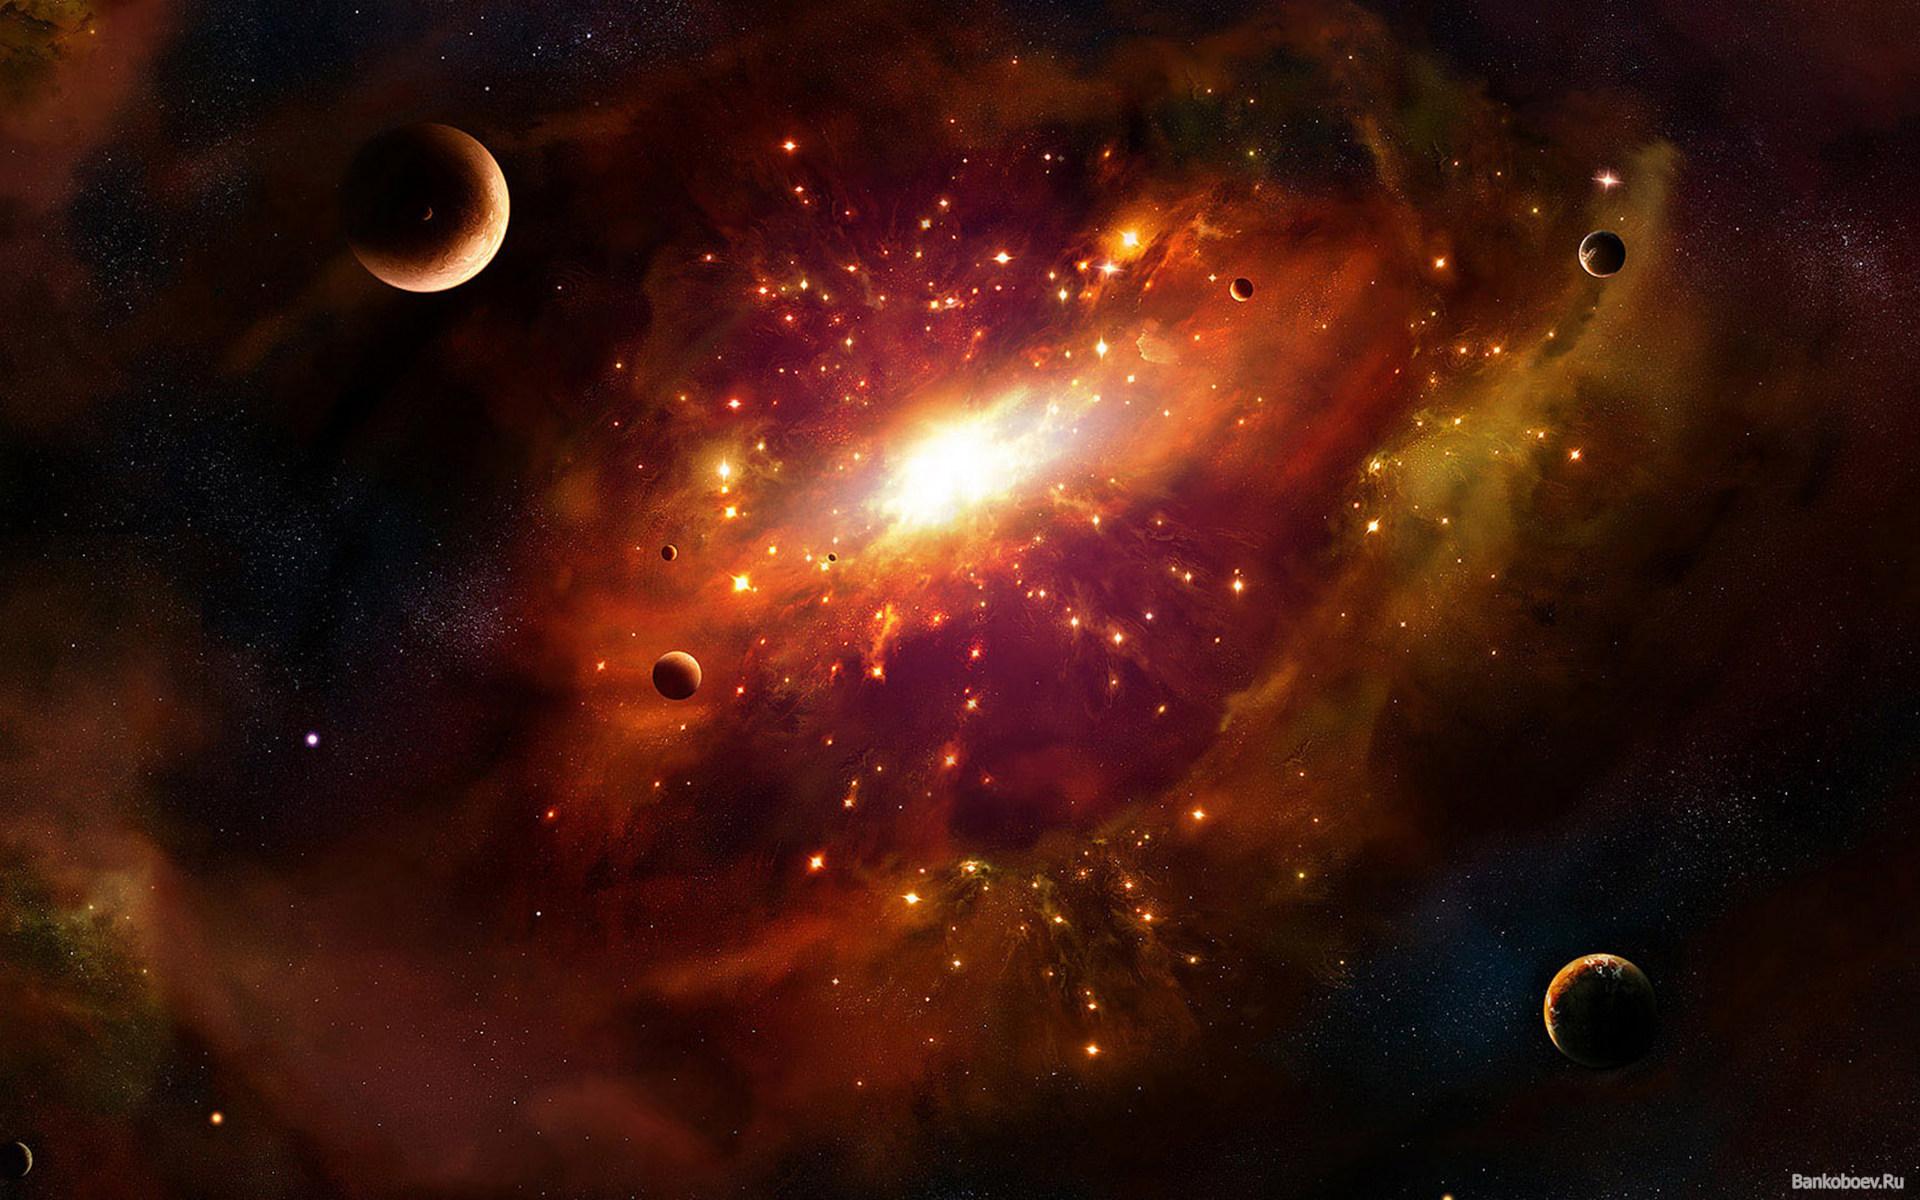 Обои Свечение за планетами картинки на рабочий стол на тему Космос - скачать скачать